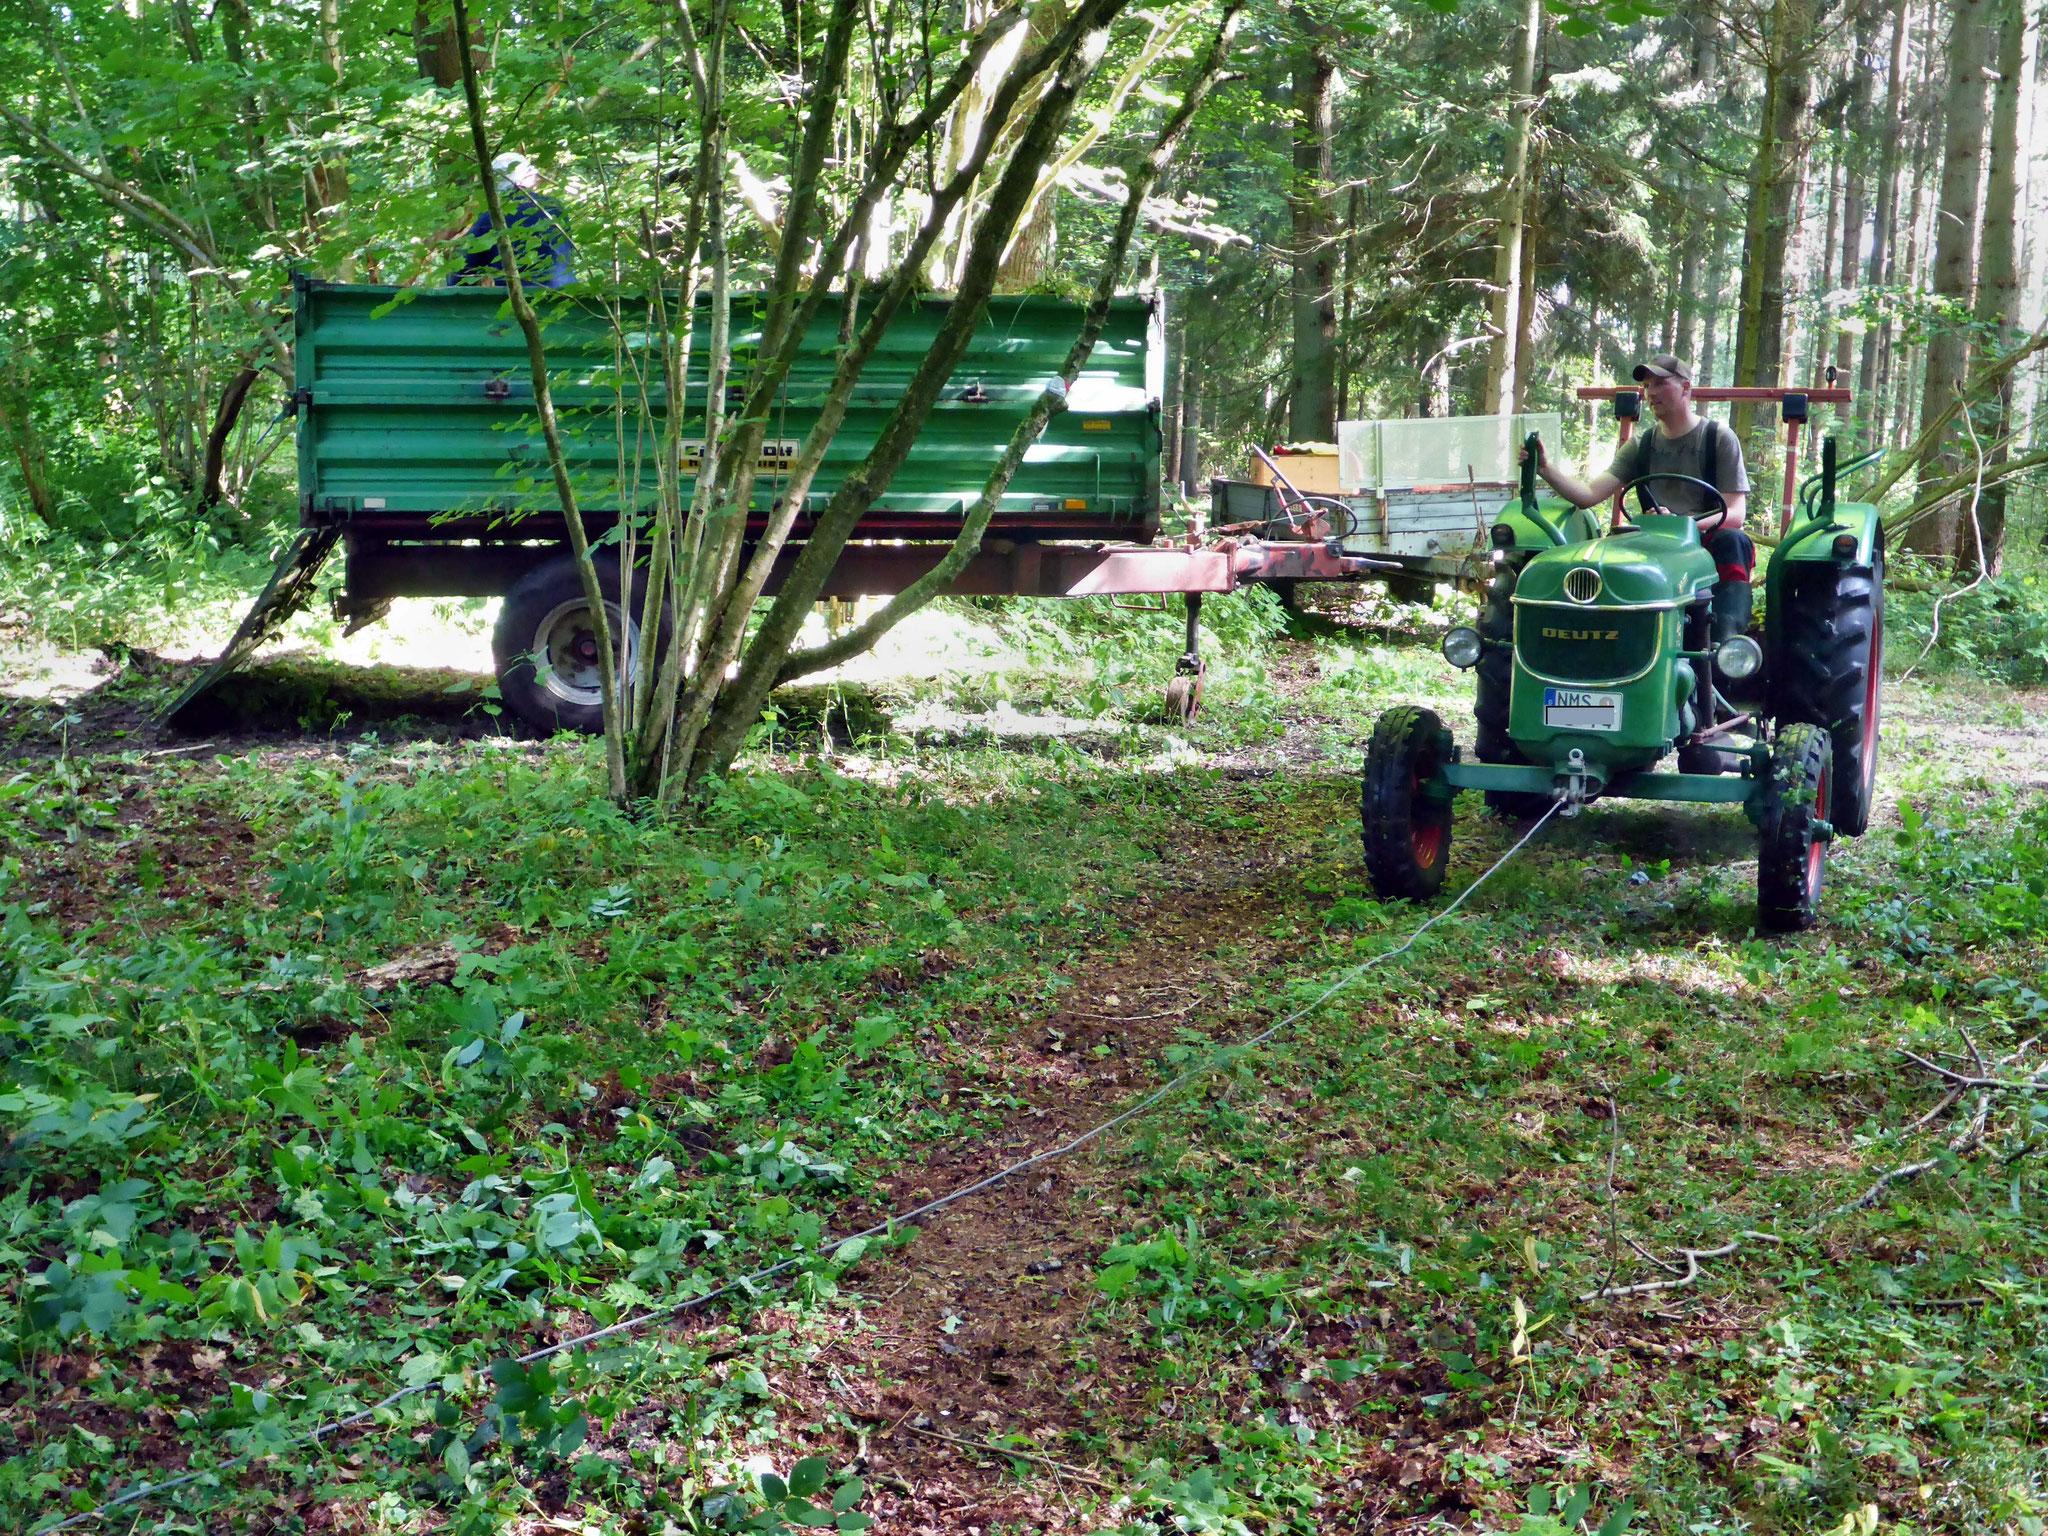 Herausziehen der Säcke mit Traktor und Seil vom Rand aus.